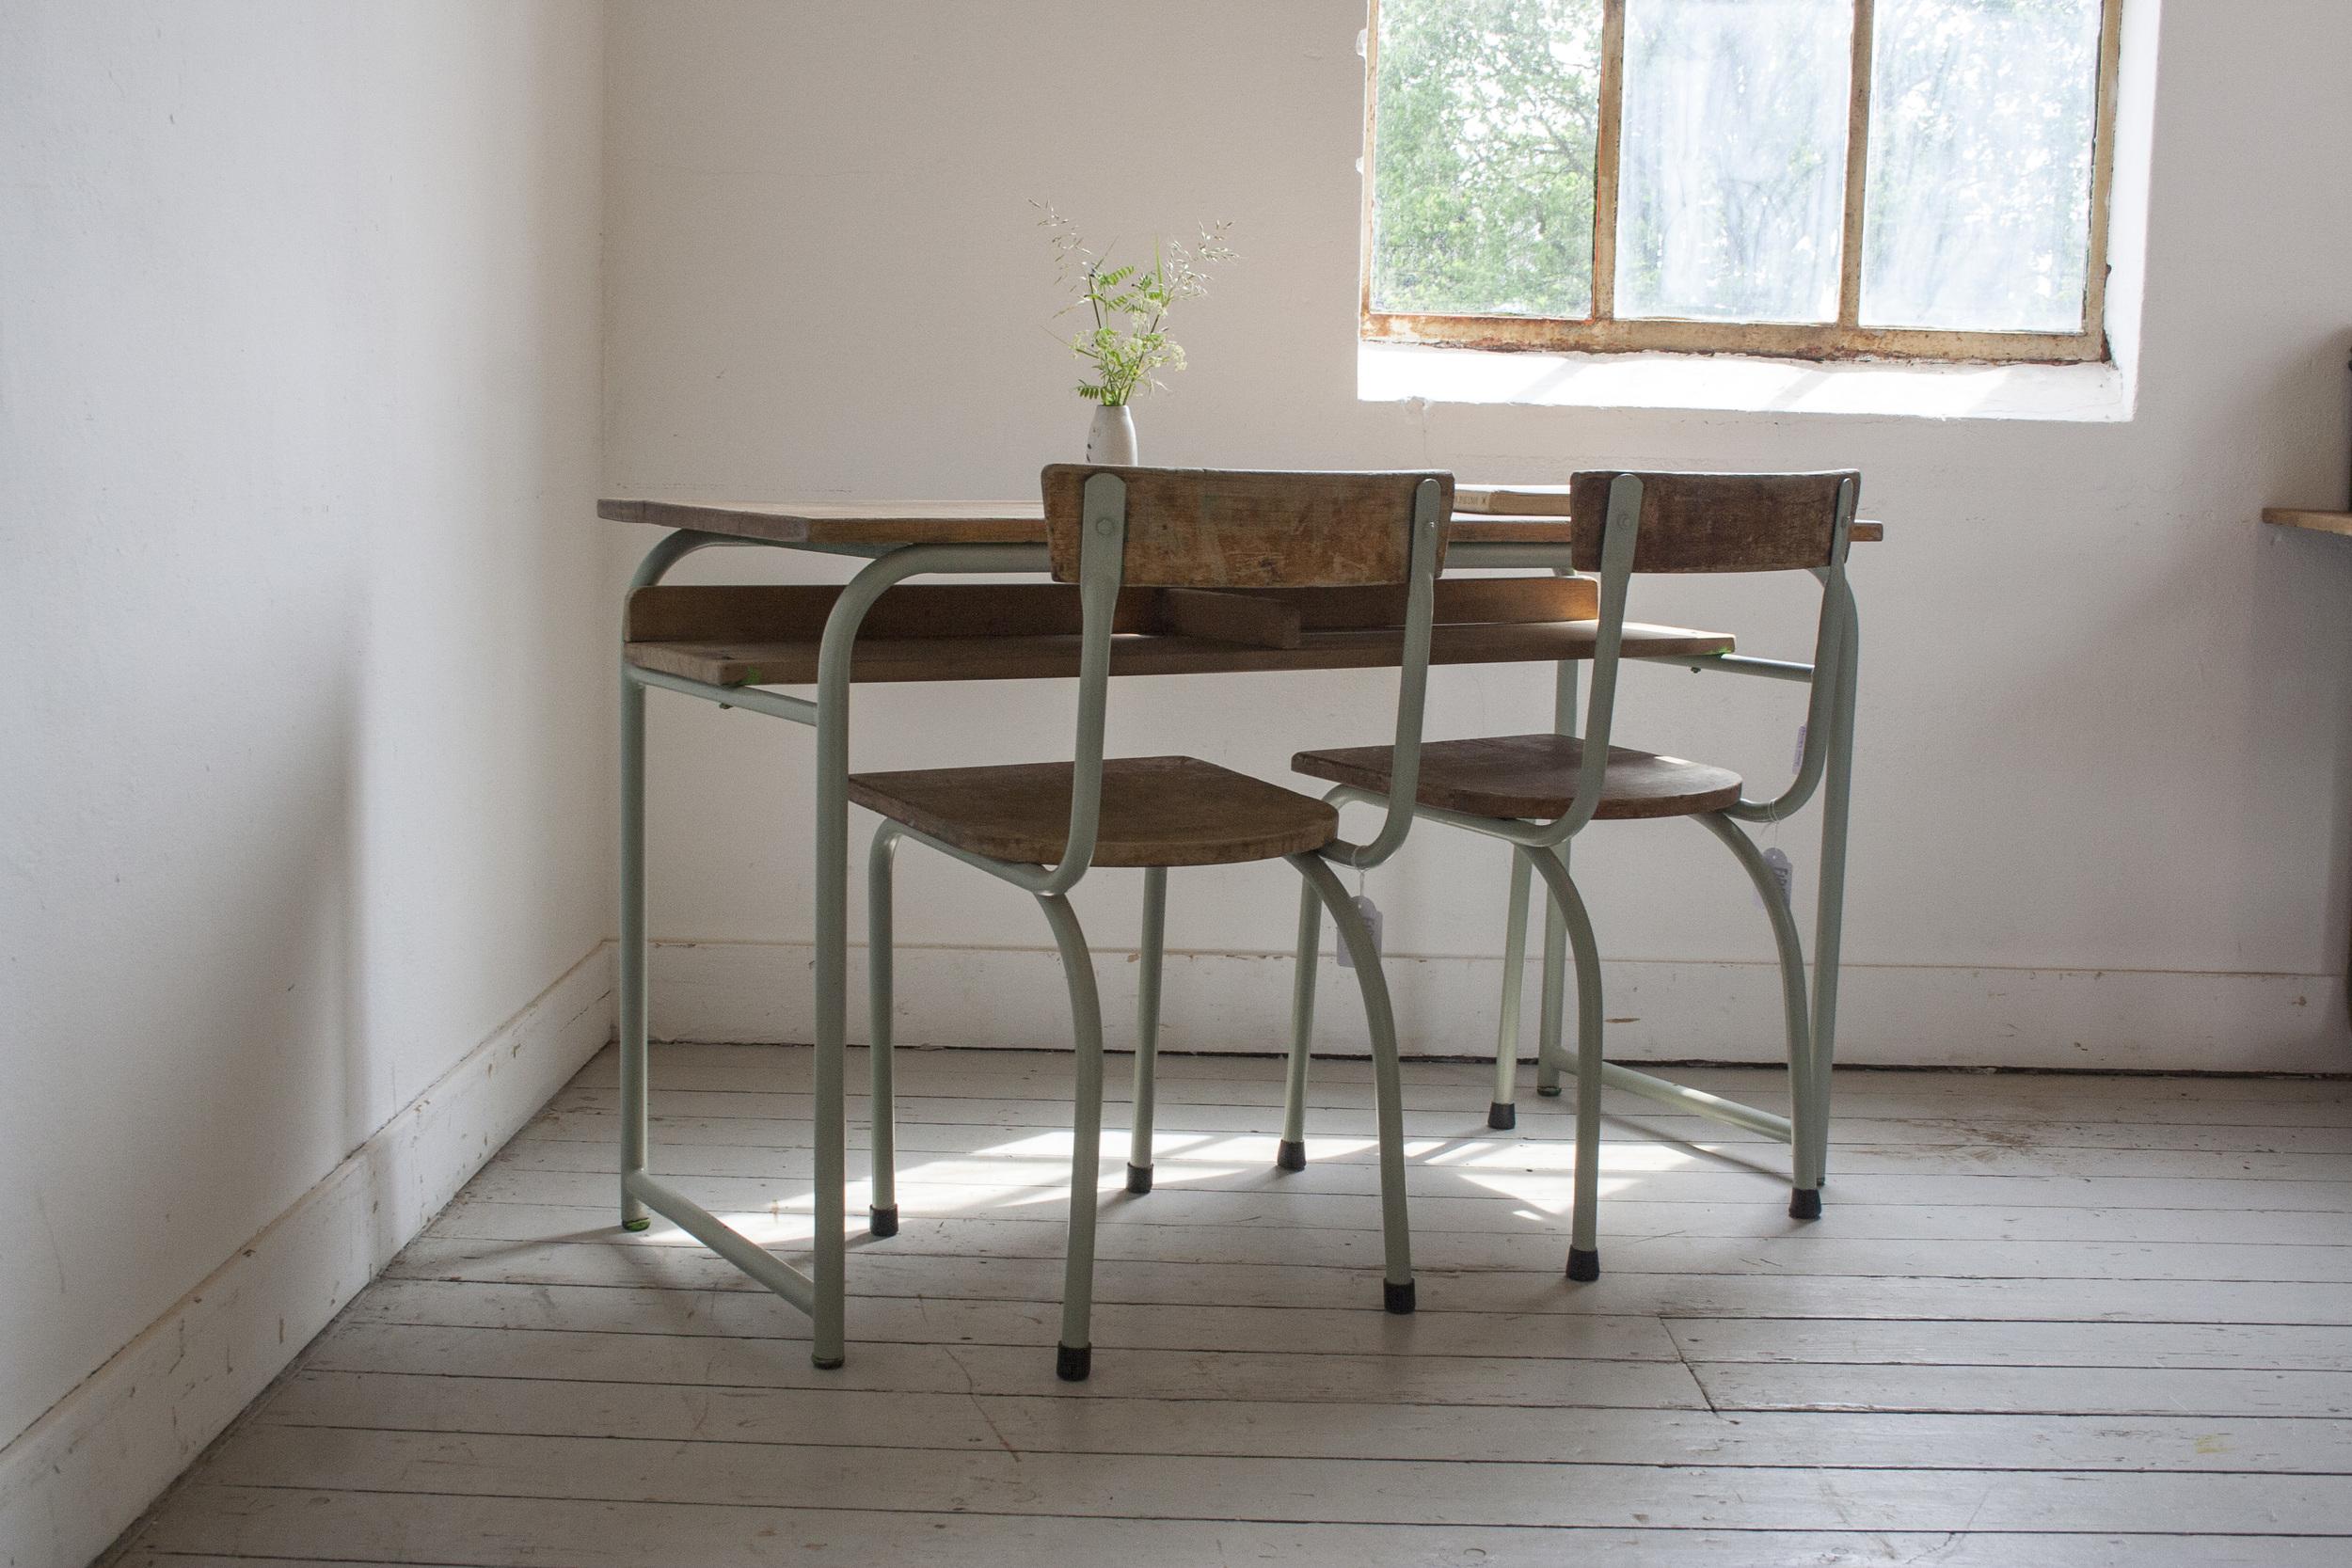 Schooltafel met schoolstoelen grijsgroen frame.jpg